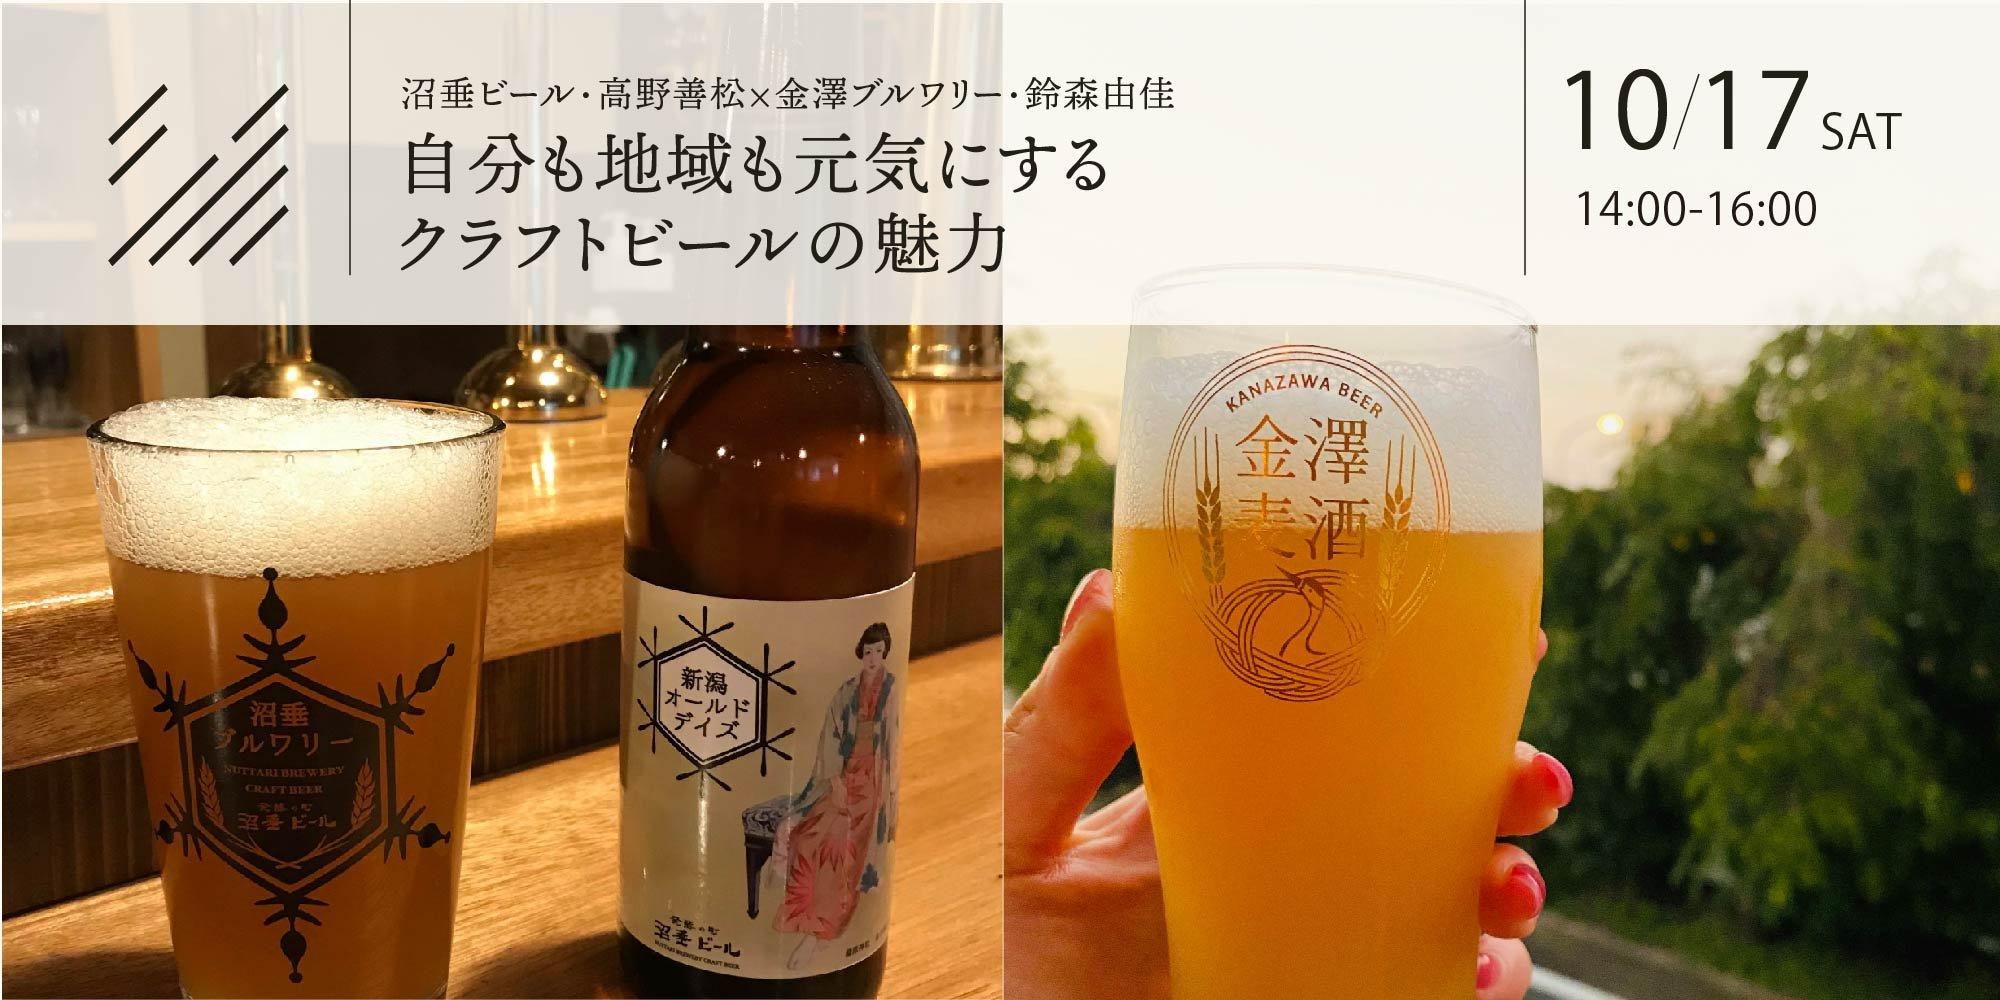 「自分も地域も元気にするクラフトビールの魅力」 沼垂ビール・高野善松×金澤ブルワリー・鈴森由佳